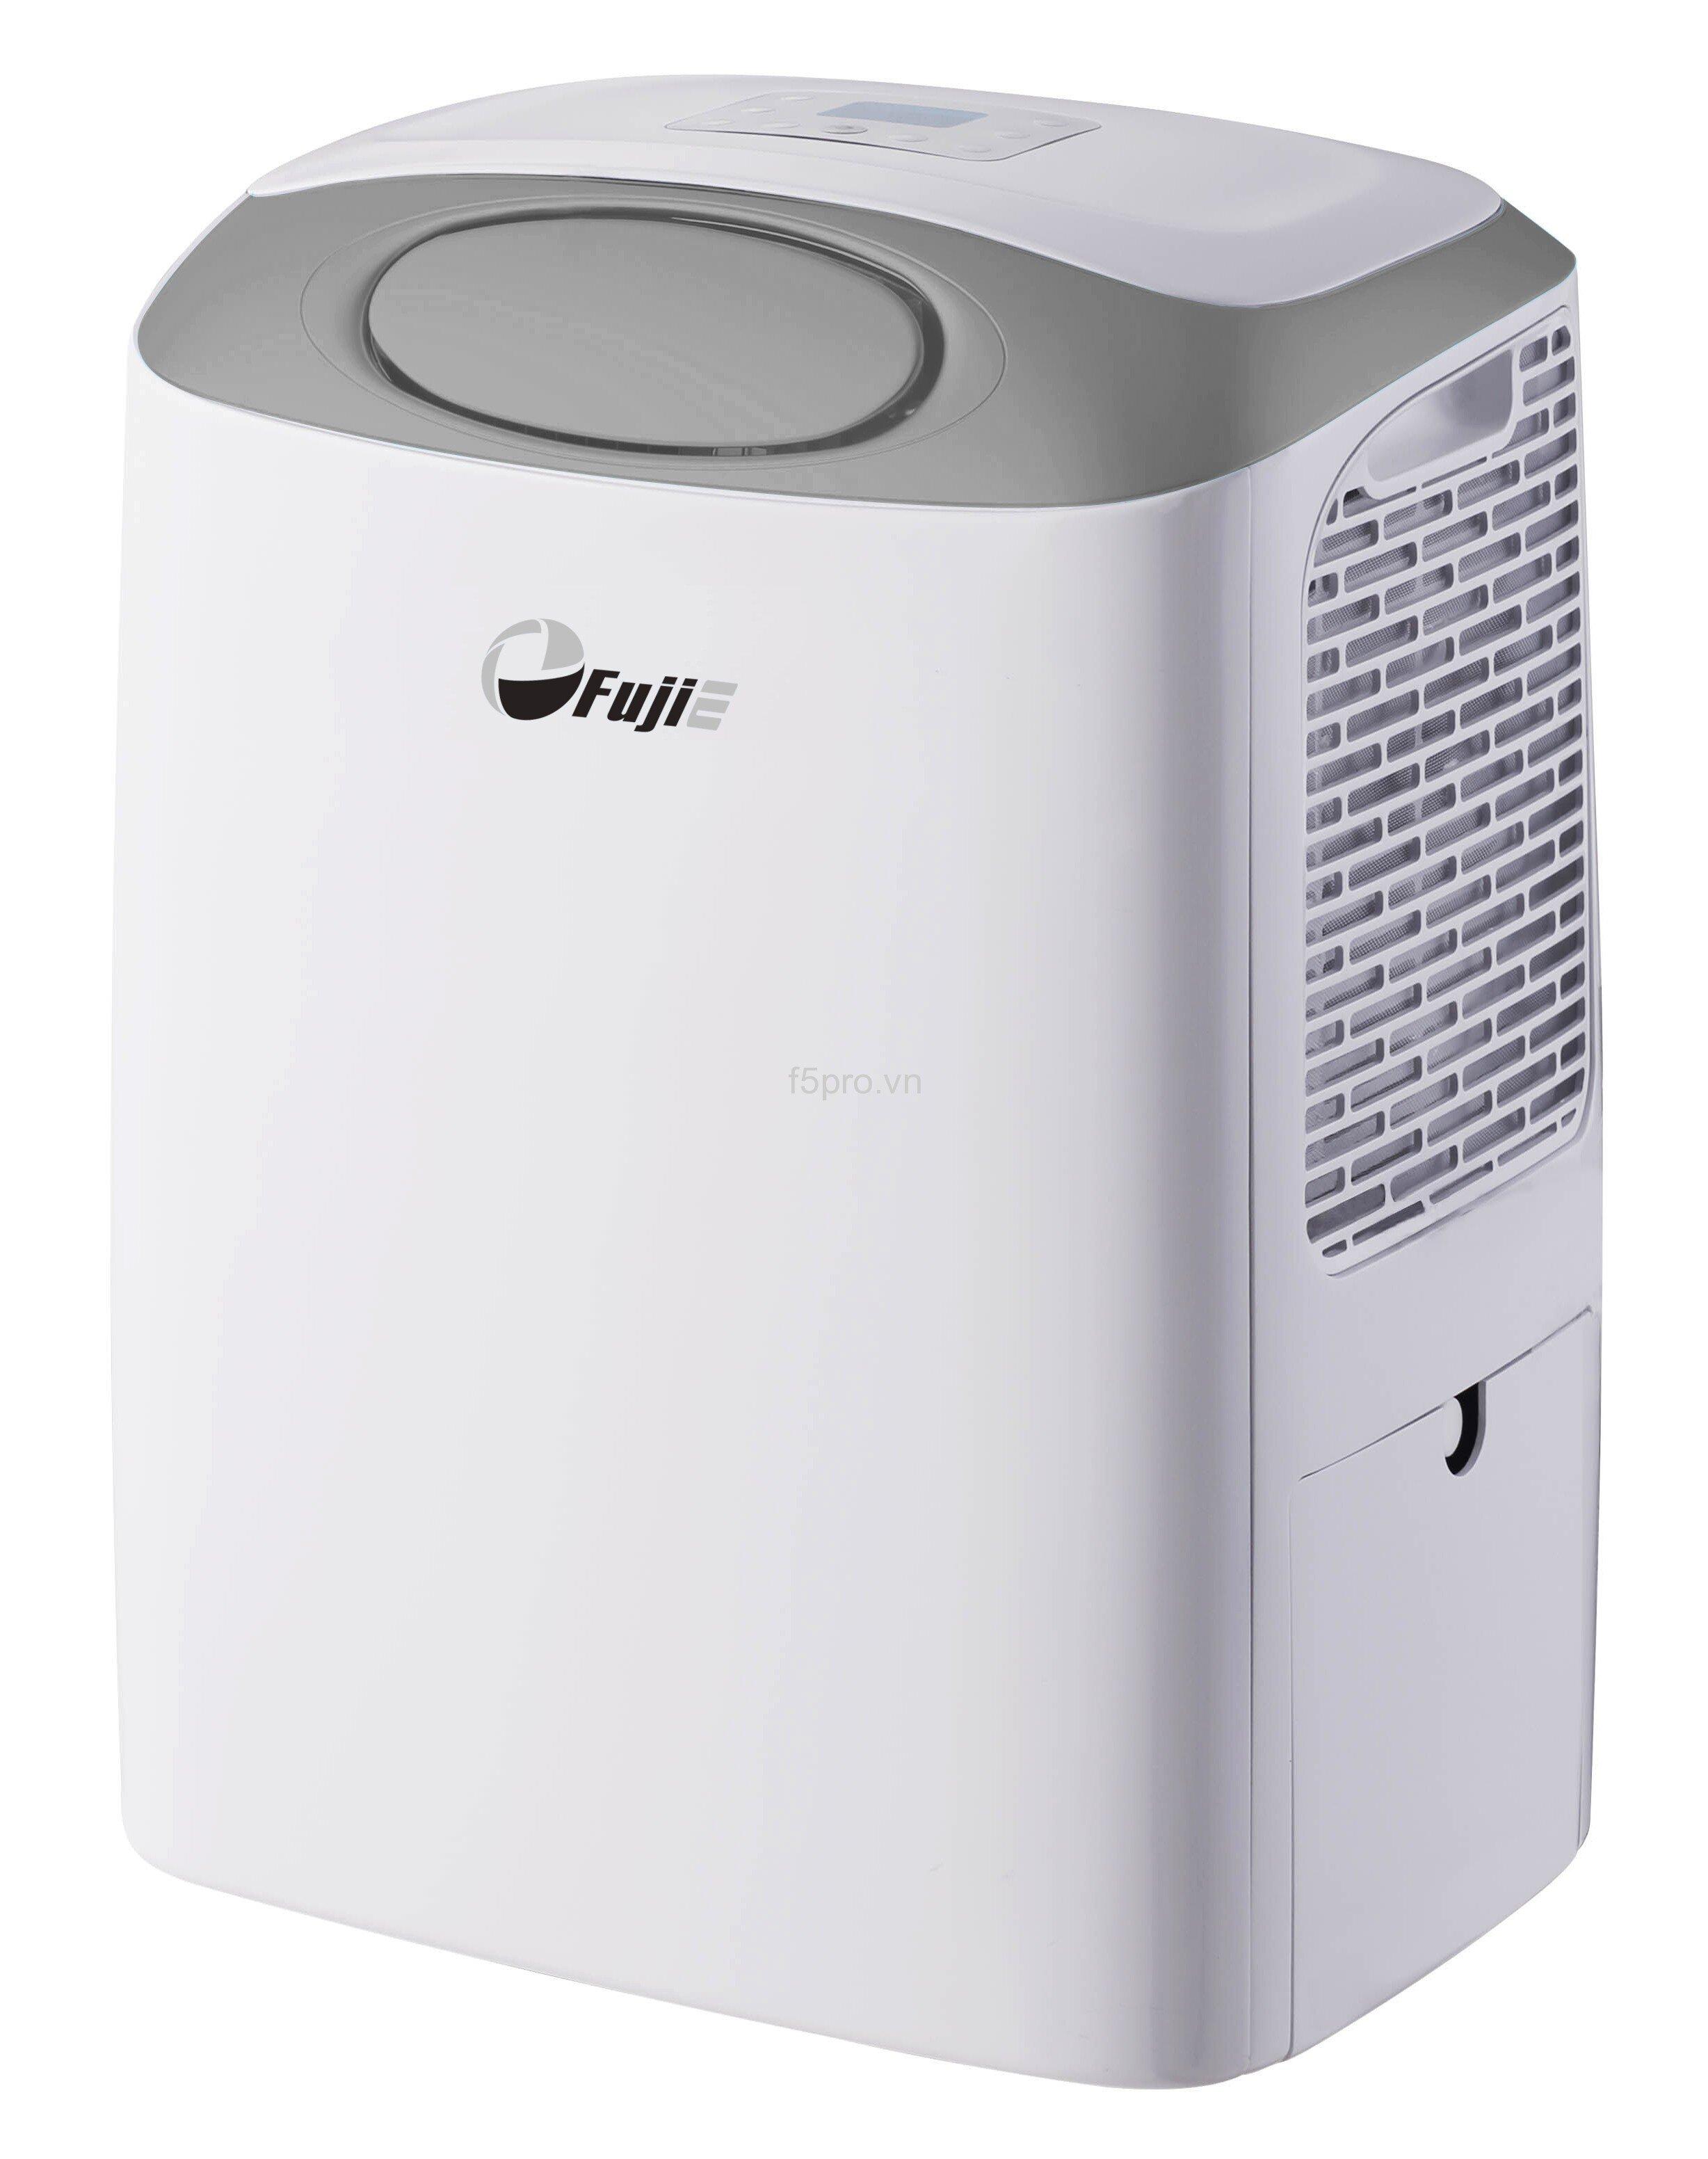 Điều hòa - Máy lạnh FujiE HM-630EC không khí di động kết hợp hút ẩm, phun ẩm